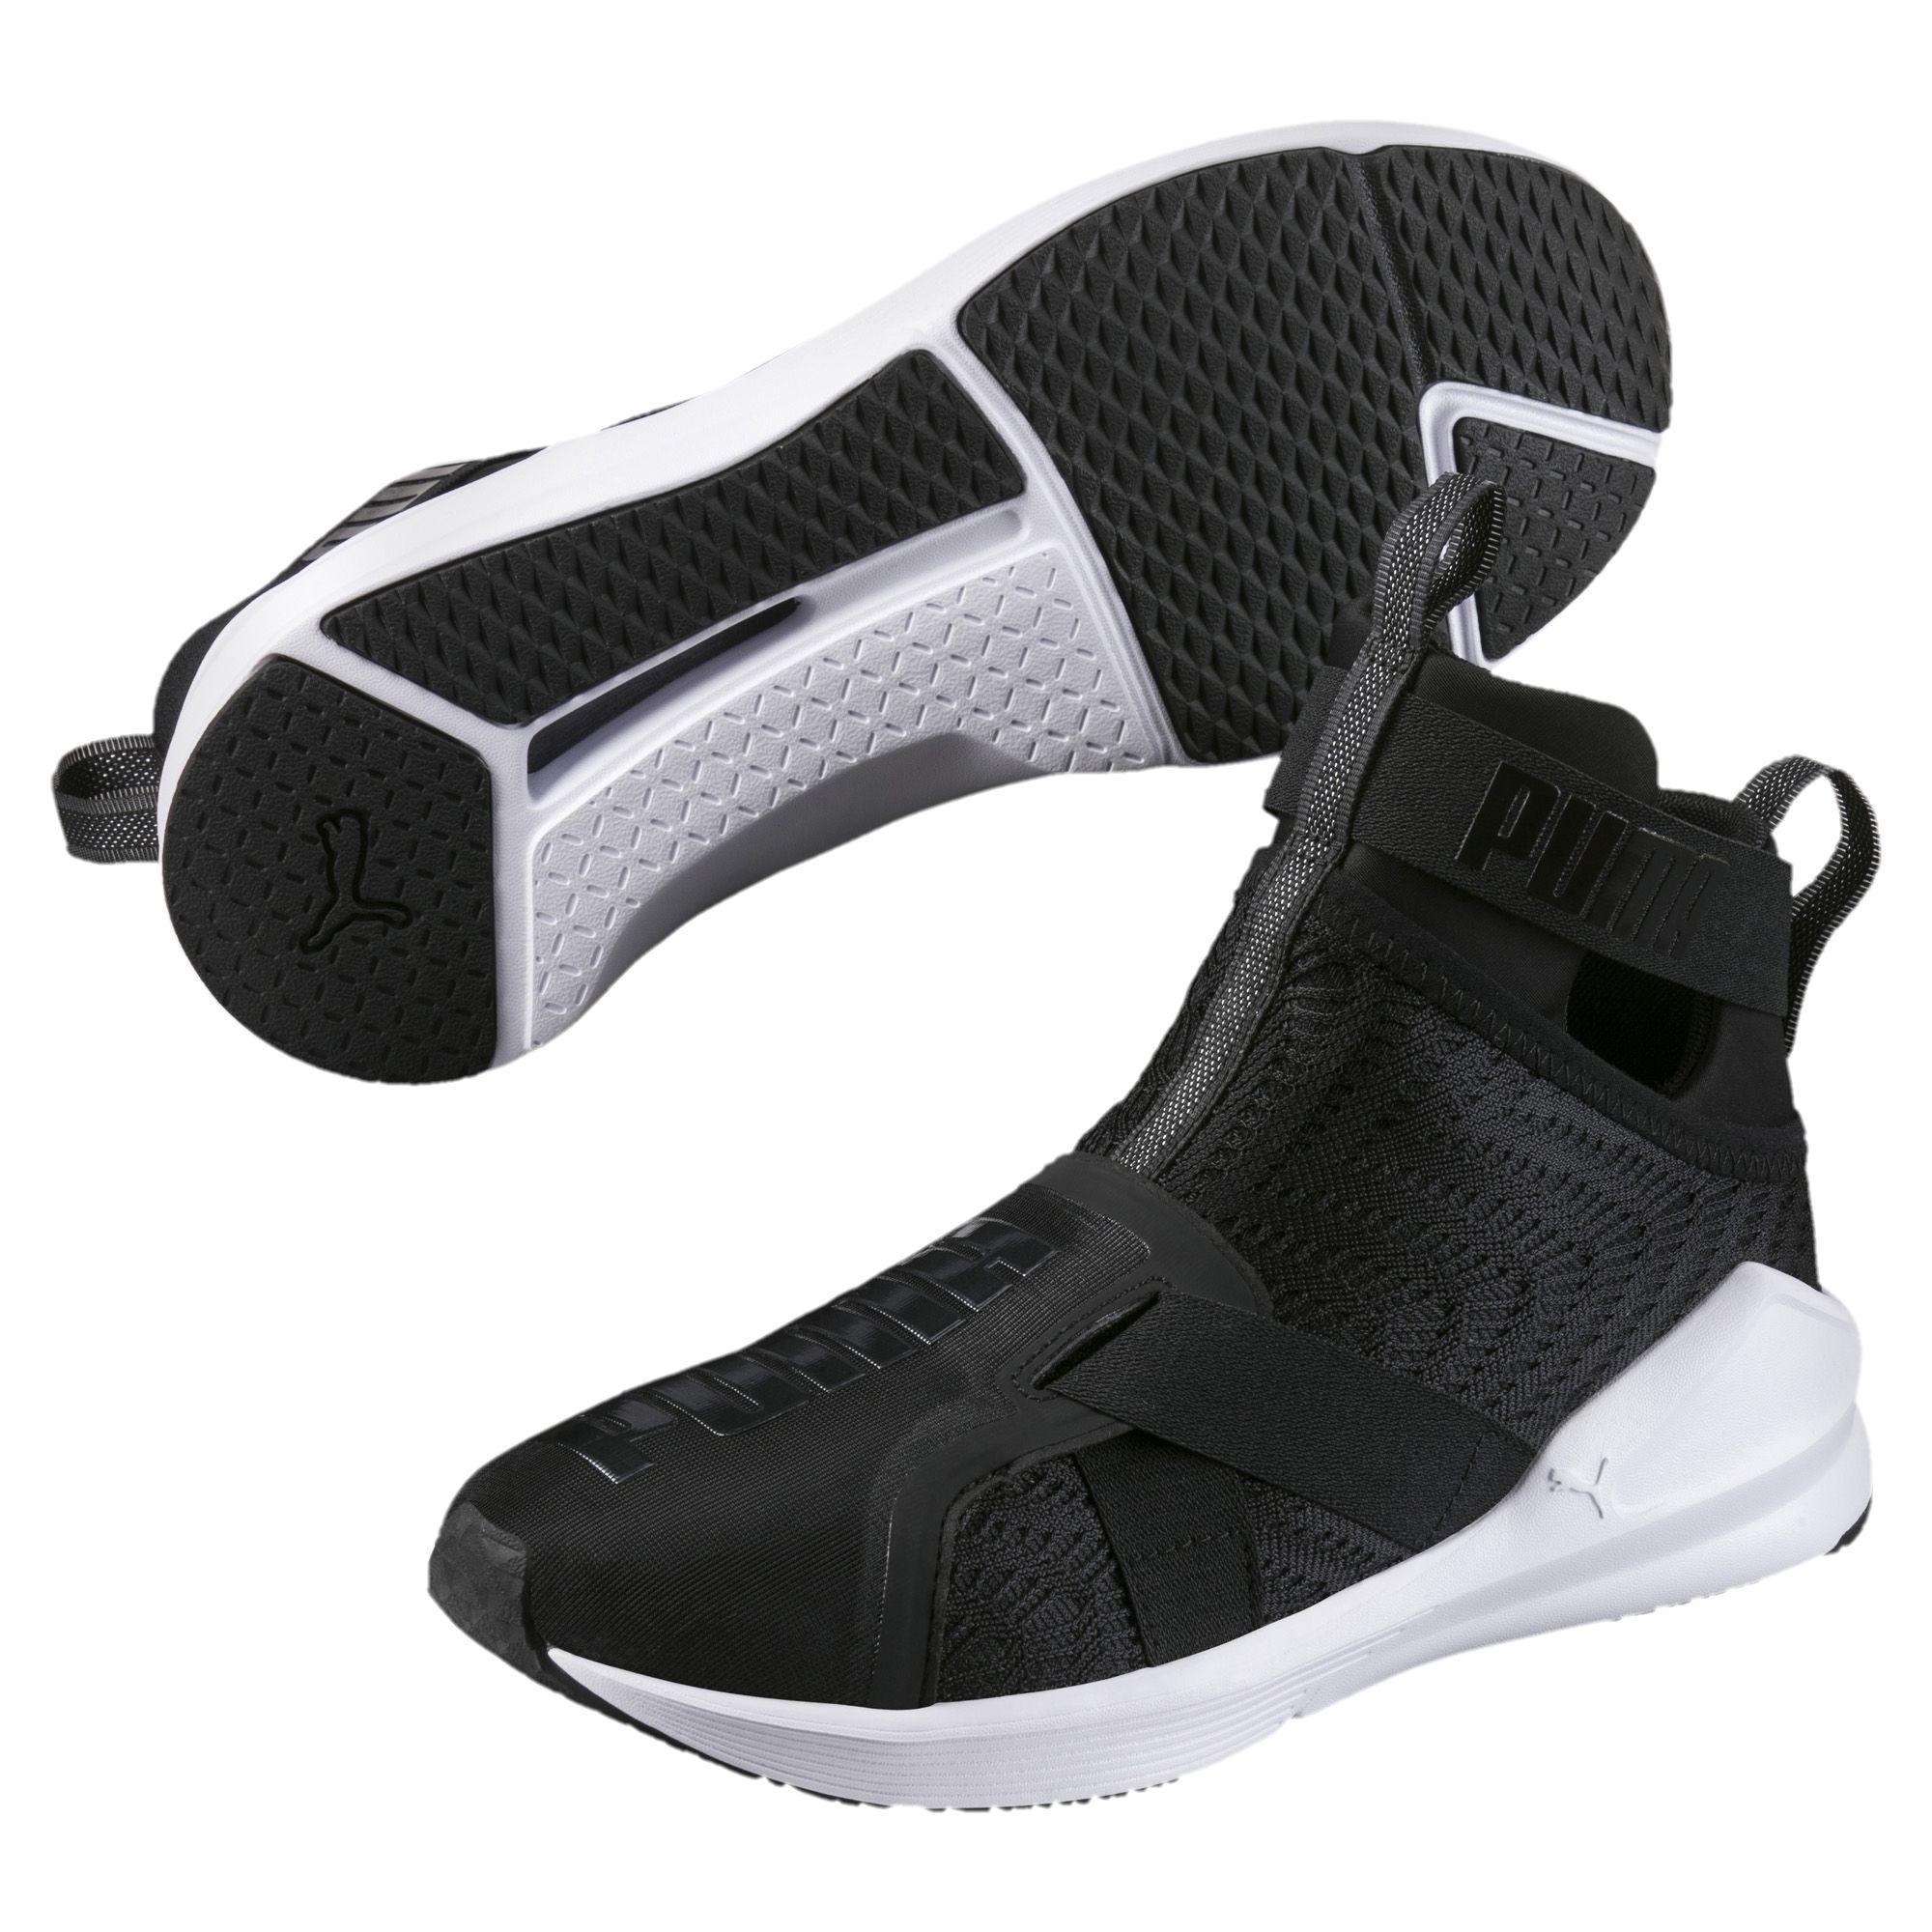 32d2c8eed73 Lyst - PUMA Fierce Strap Swirl Women s Training Shoes in Black